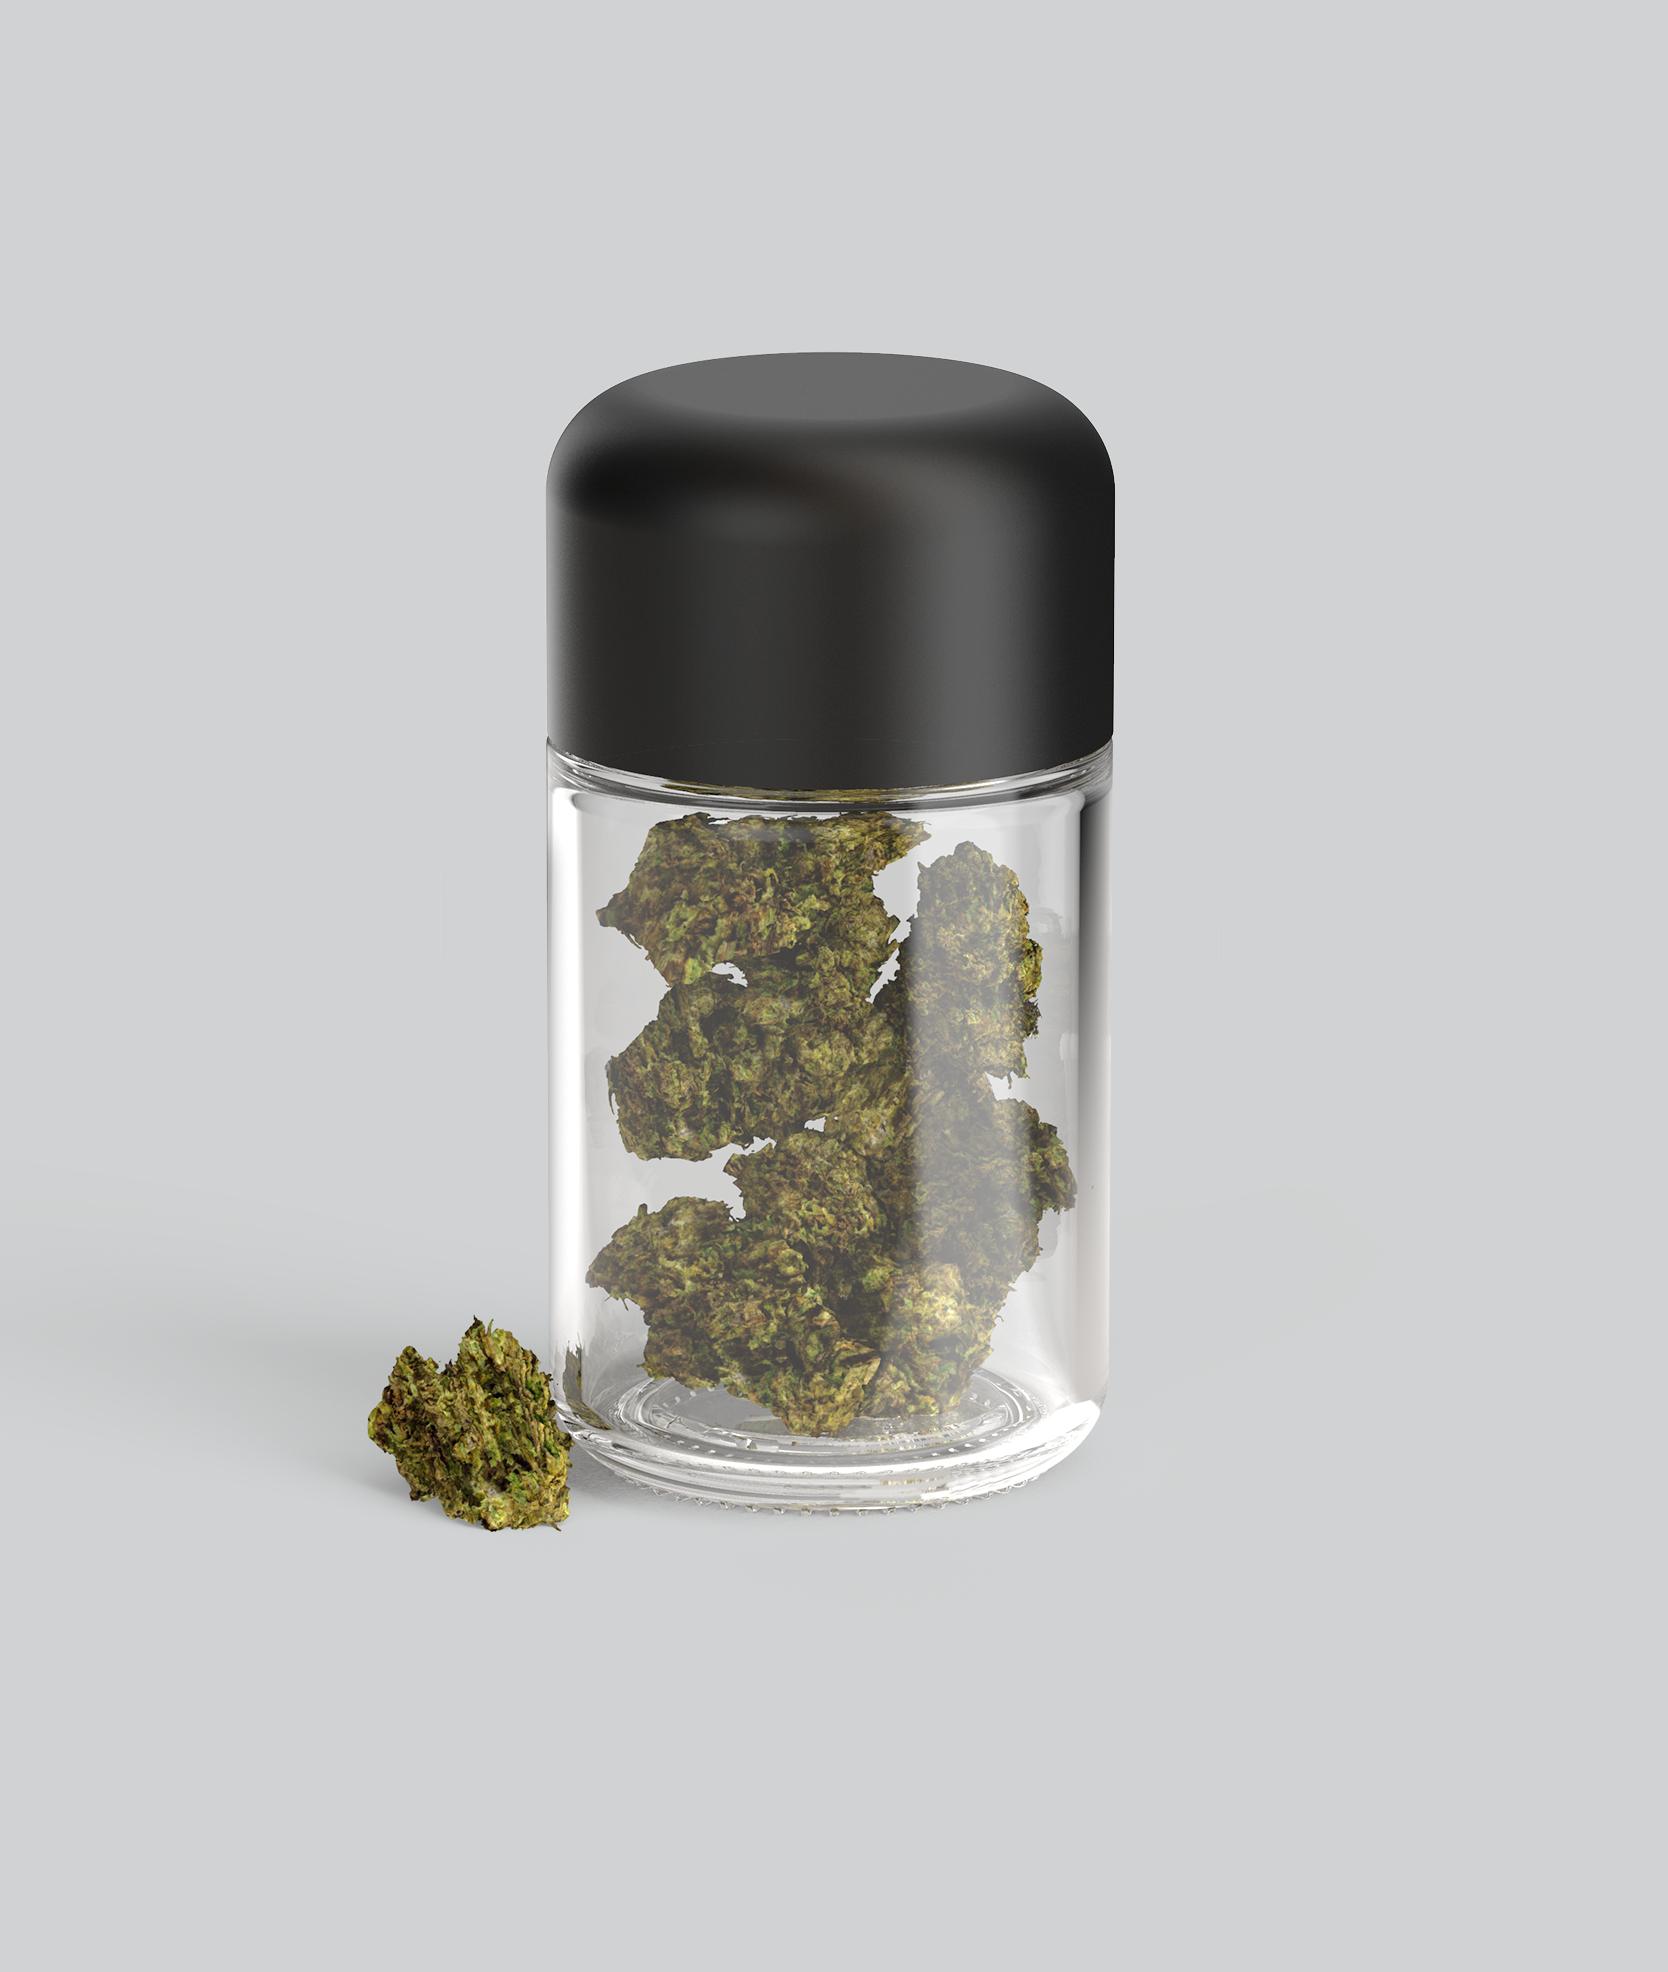 hiline-cannabis-edible-packaging